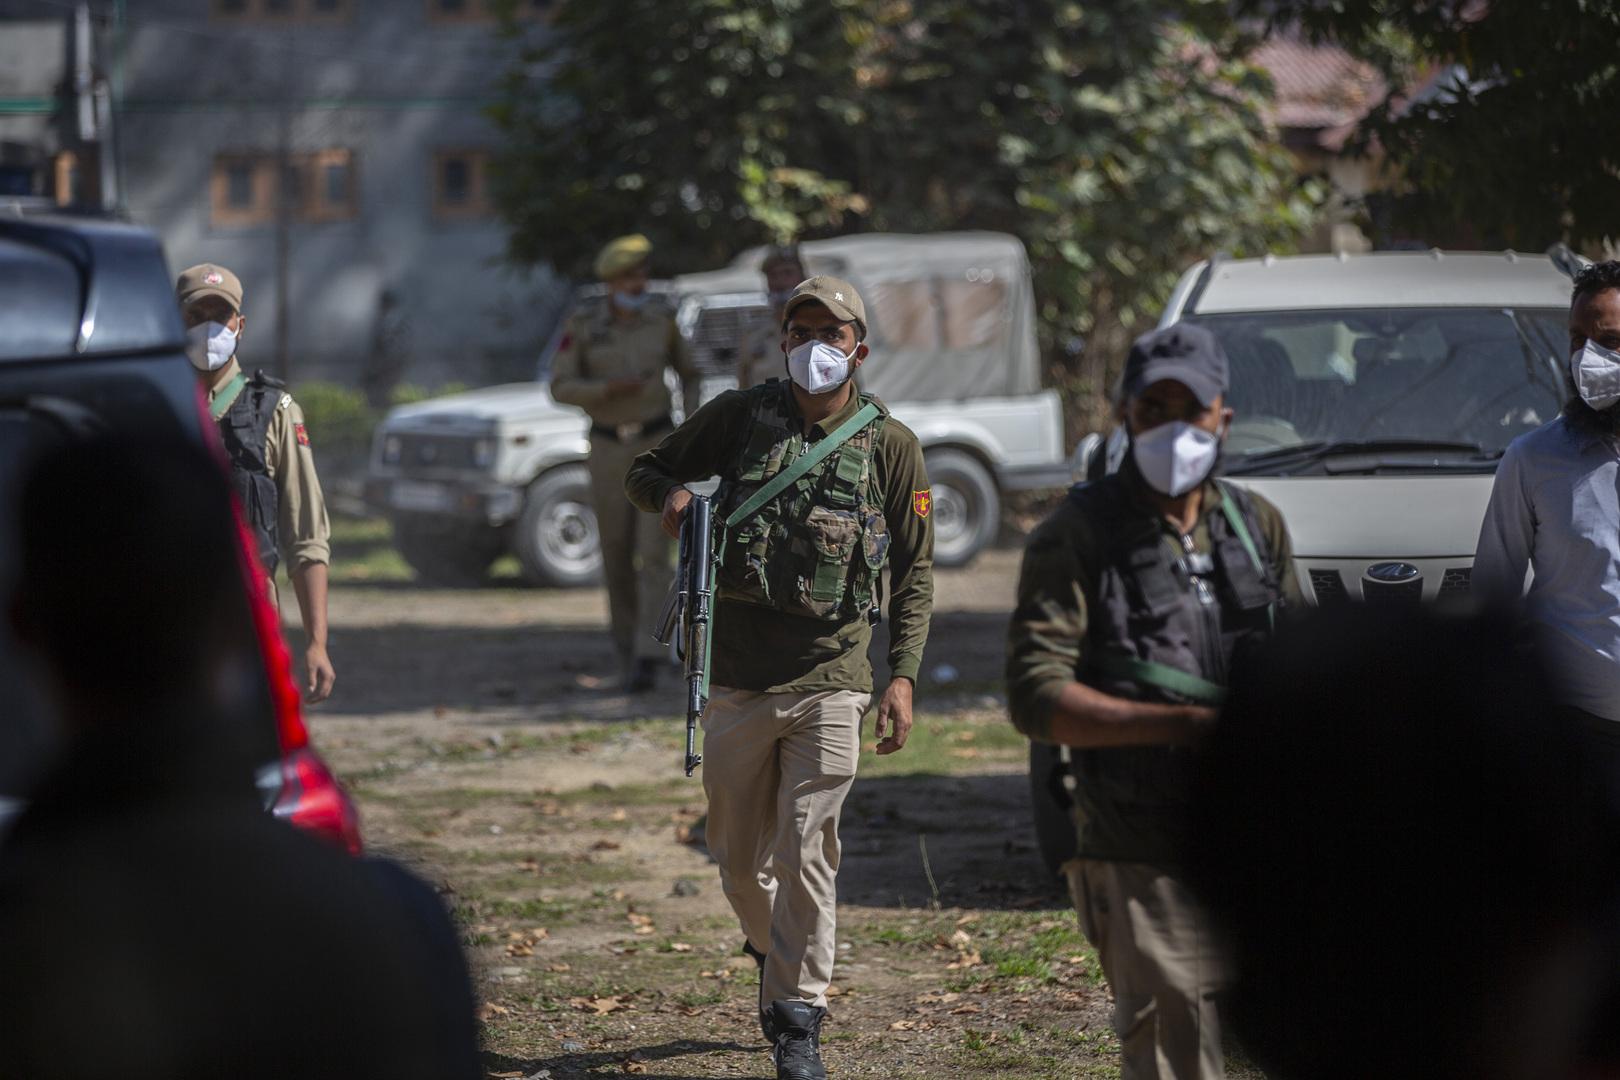 الشرطة الهندية تعتقل المئات في كشمير على خلفية موجة عنف مفاجئة